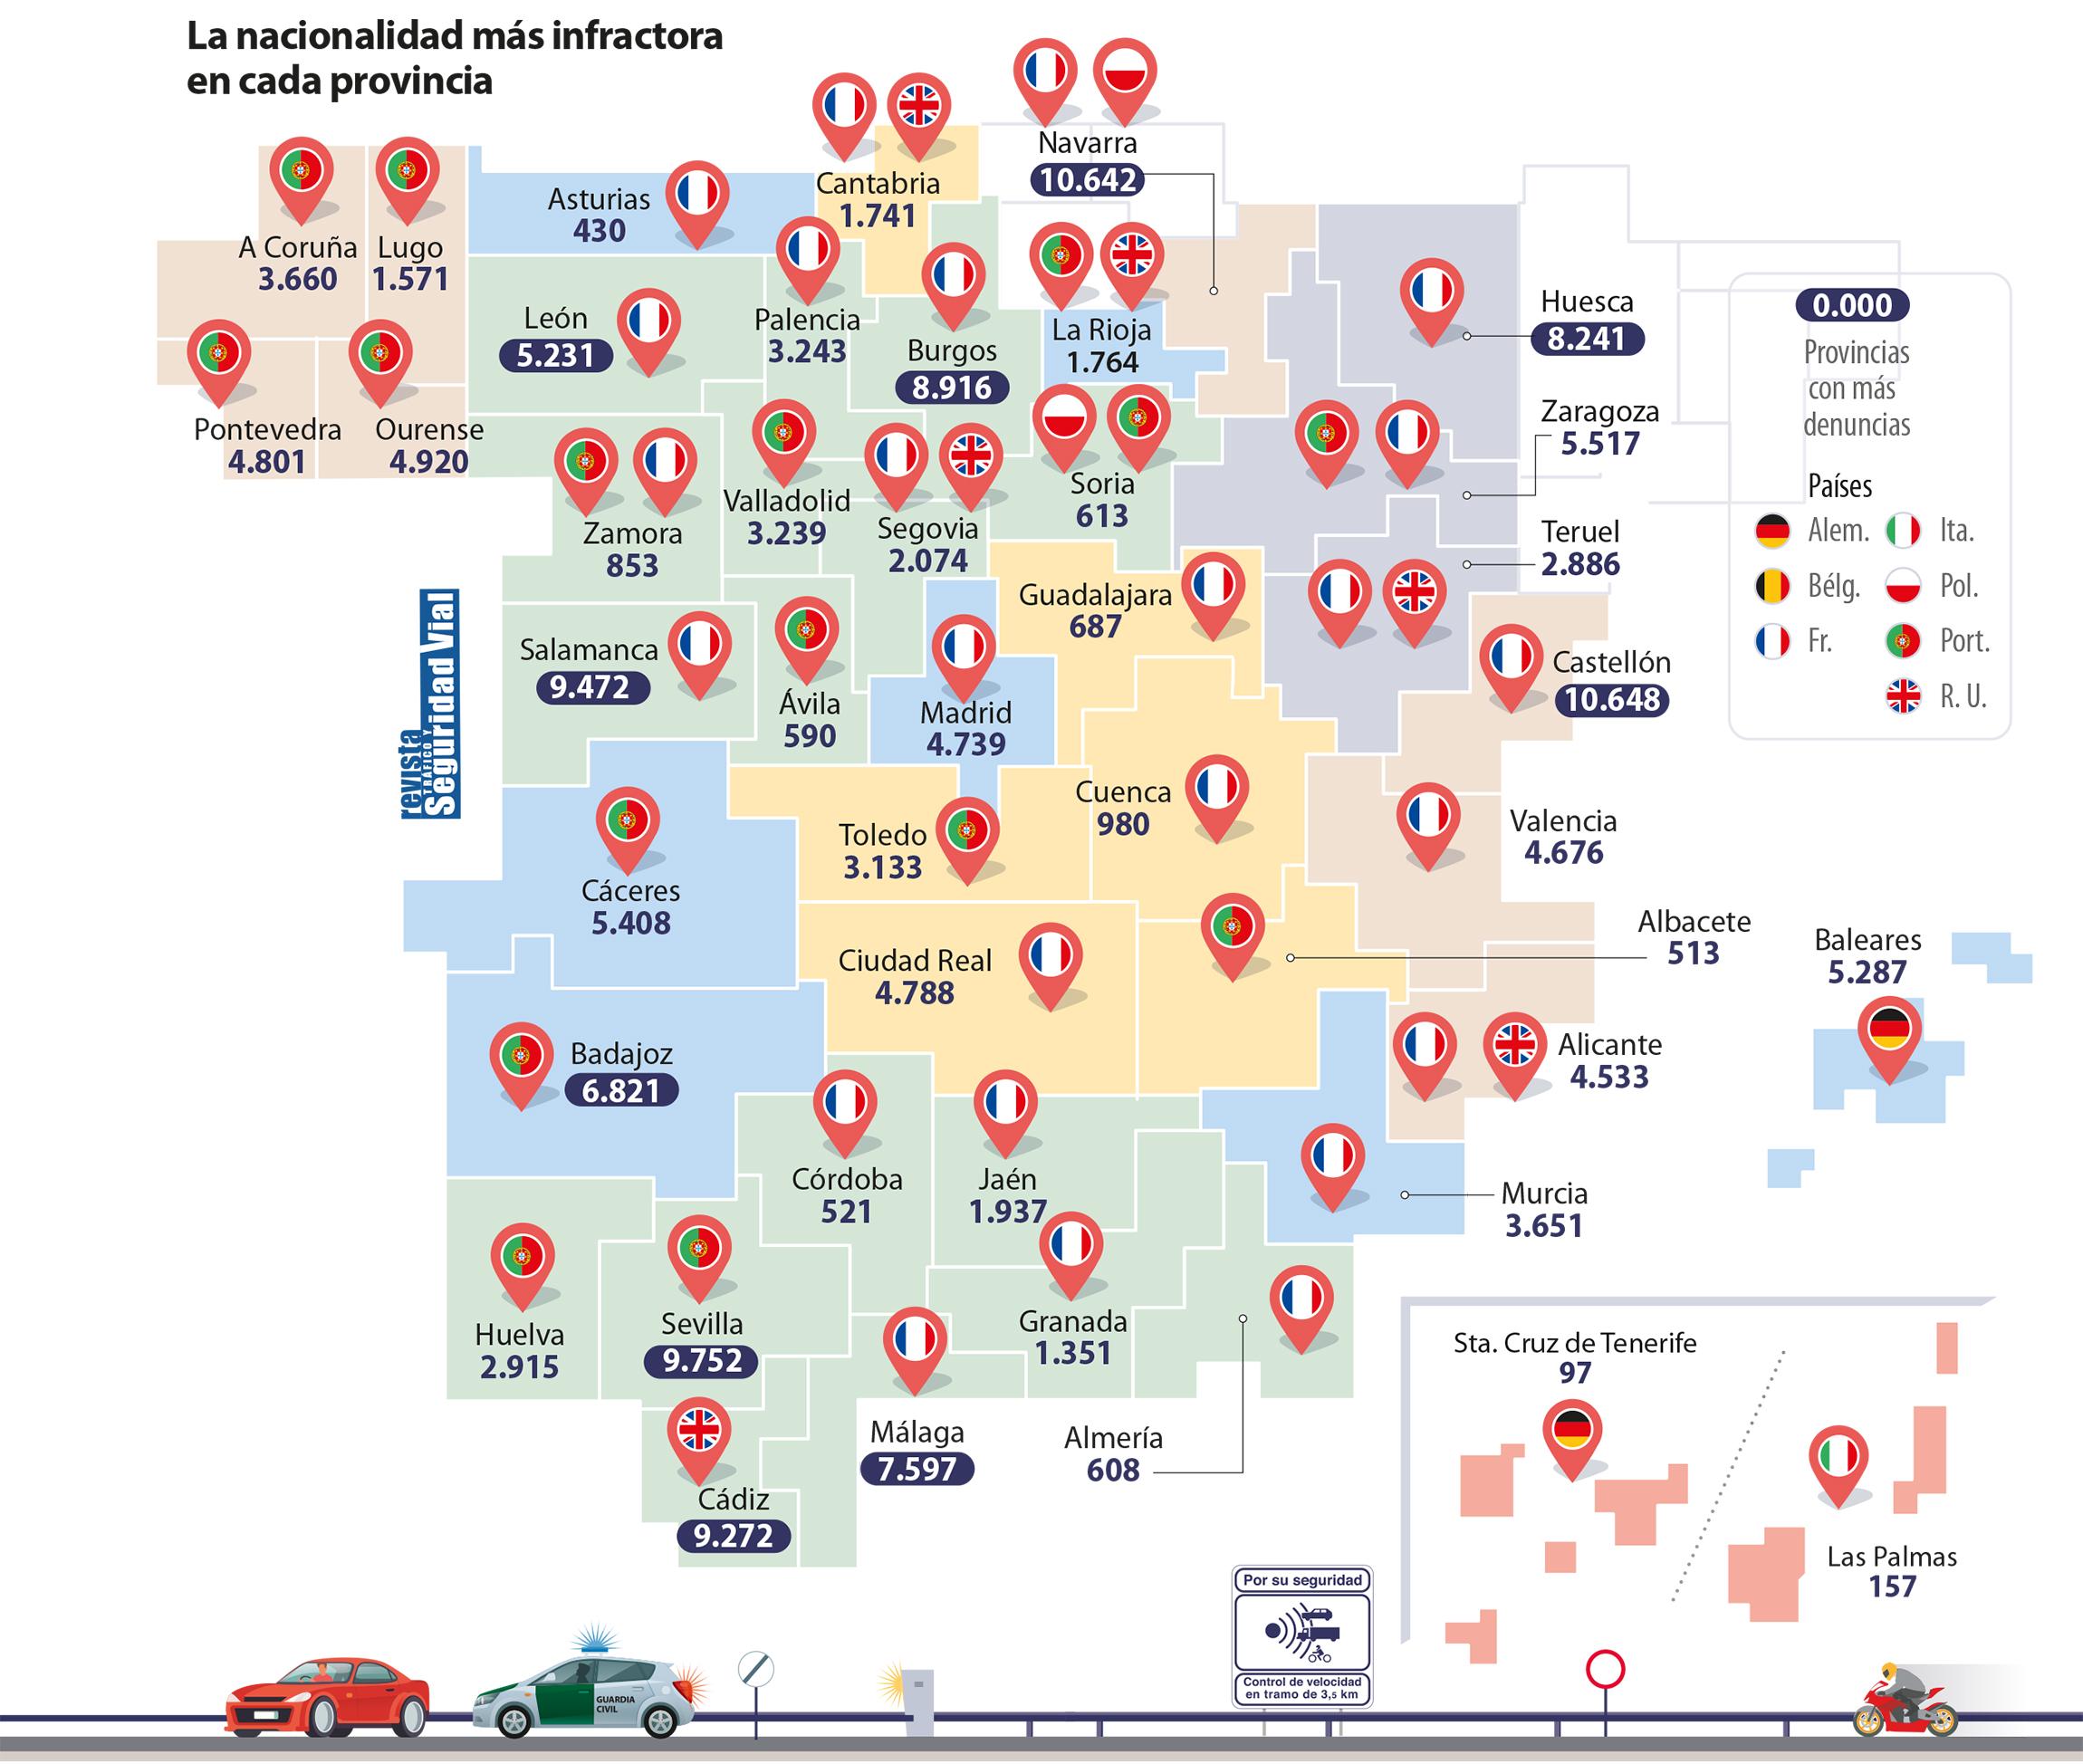 infografia de infracciones por nacionalidad